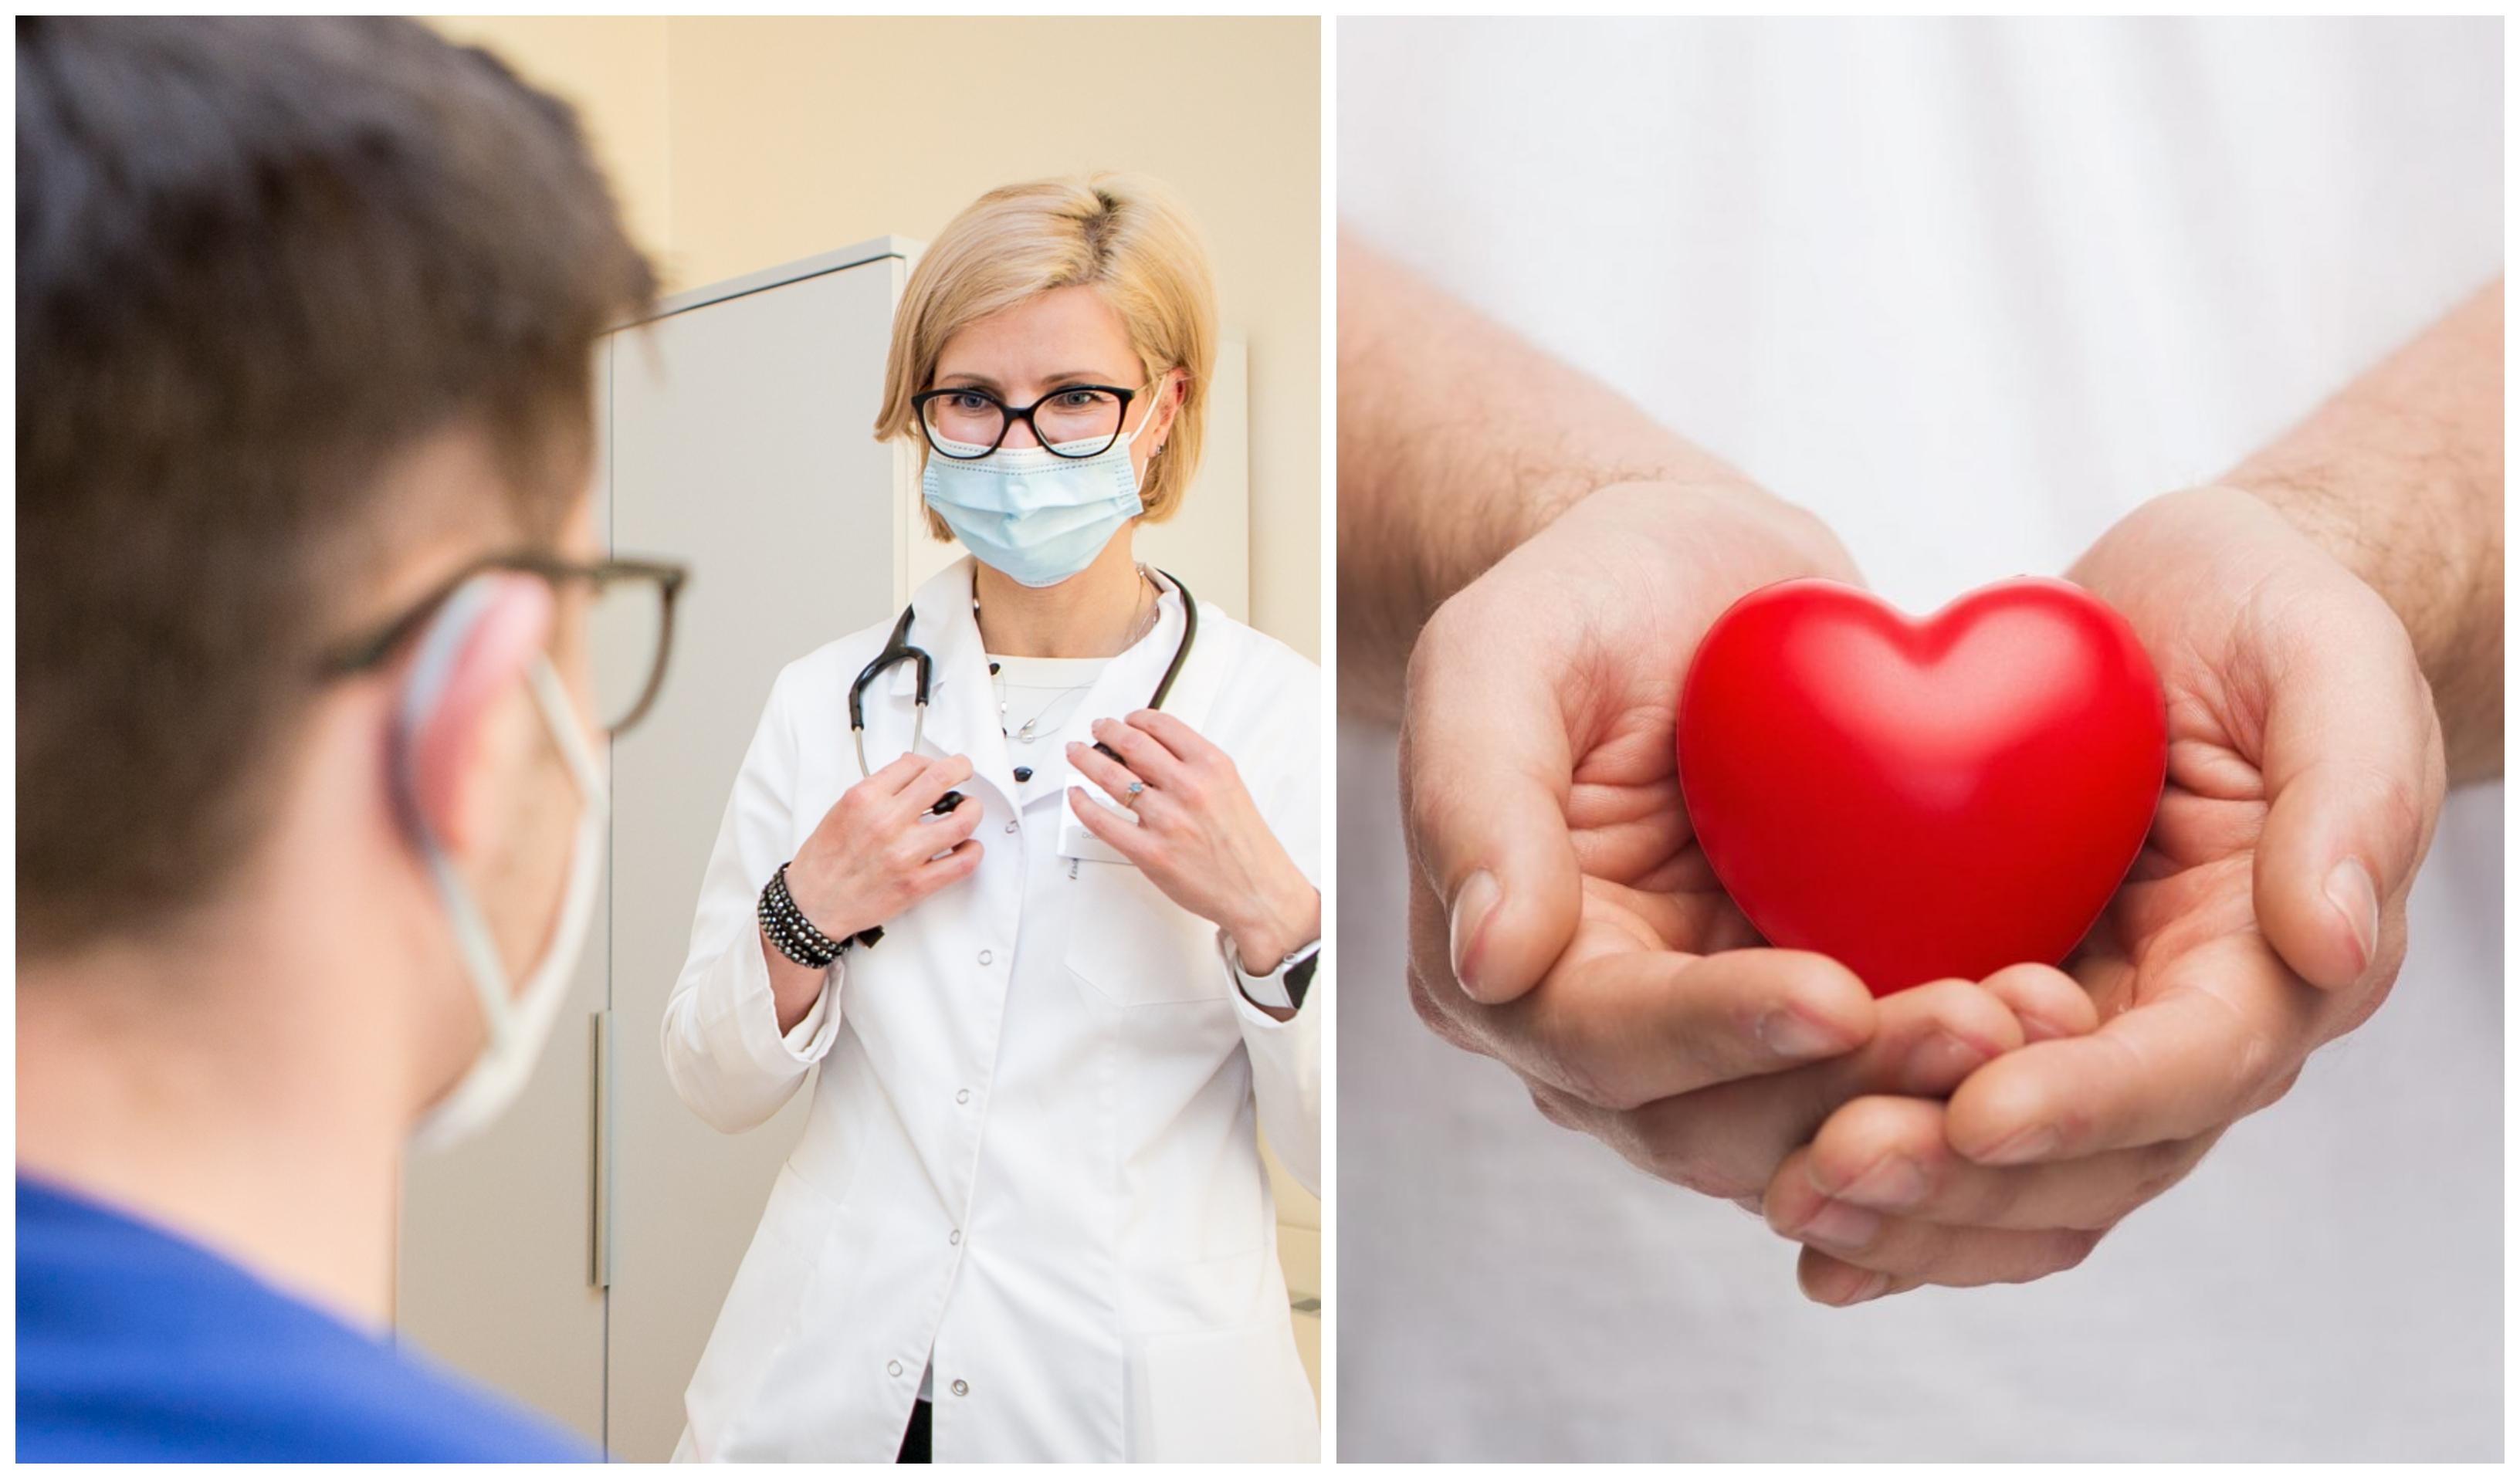 kas išgydė hipertenziją ir kokiomis priemonėmis